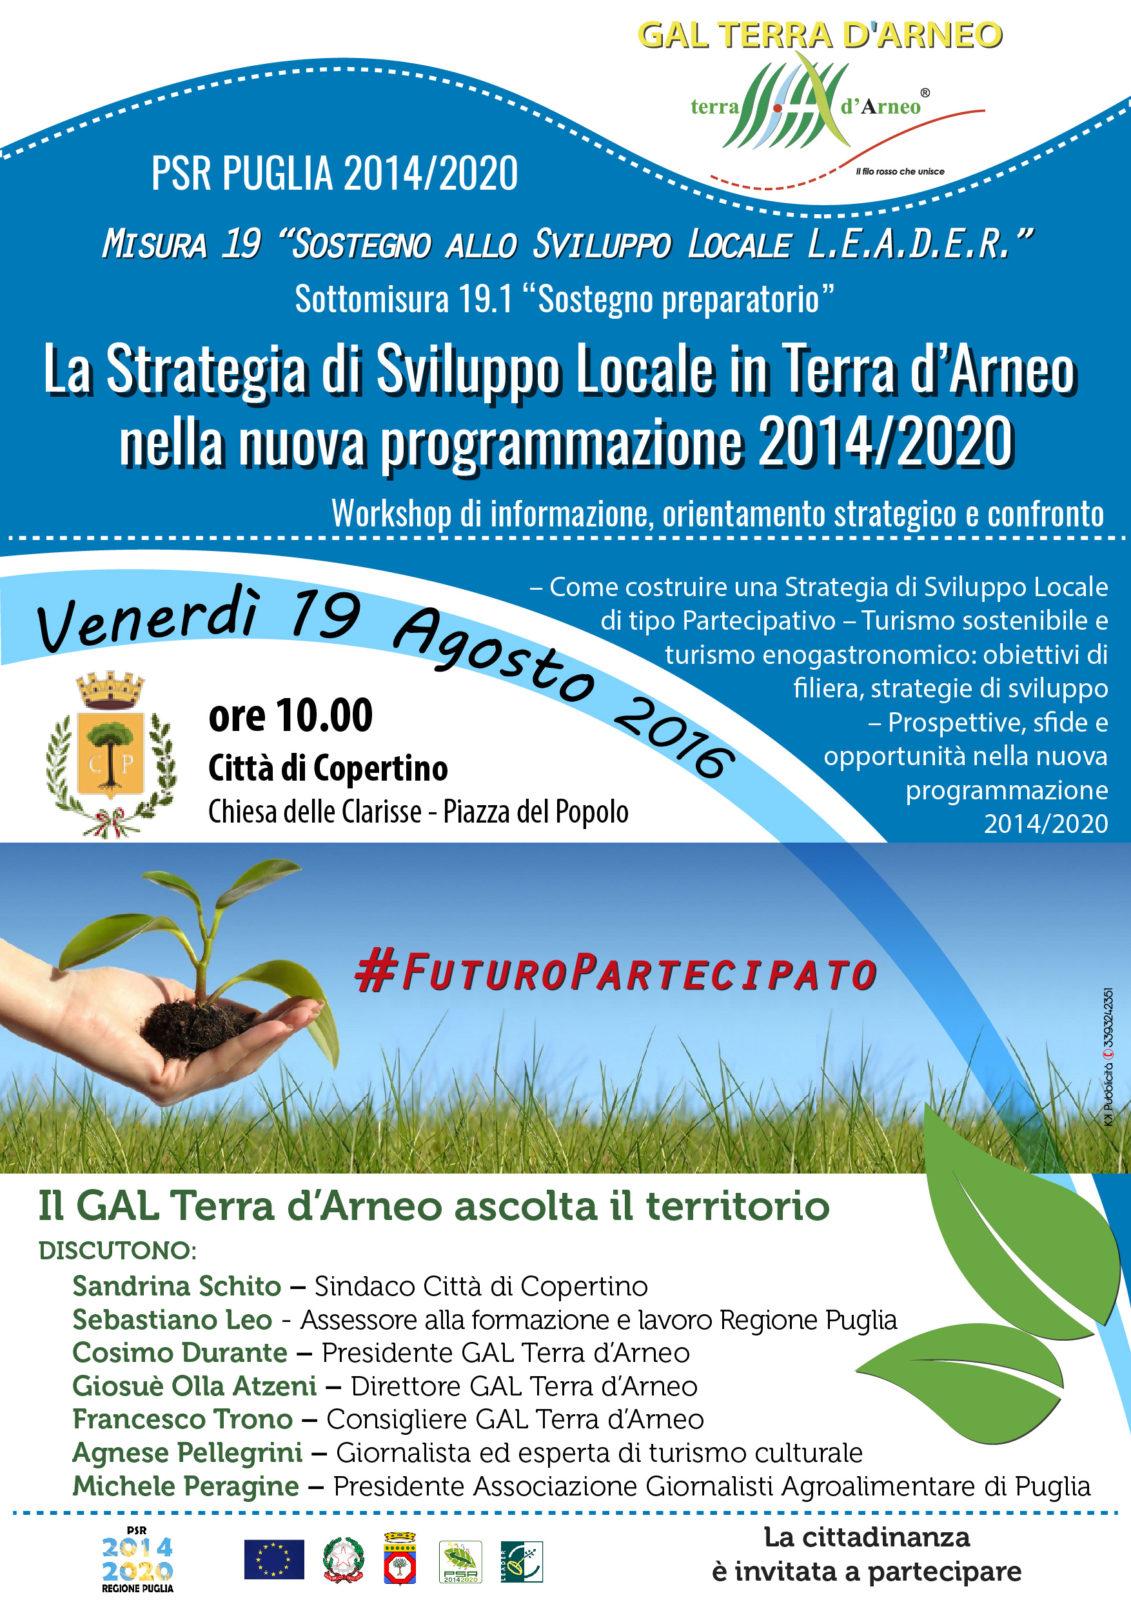 WORKSHOP: La Strategia di Sviluppo Locale in Terra d'Arneo nella nuova programmazione 2014/2020 - Venerdì 19 agosto ore 10.00, Copertino